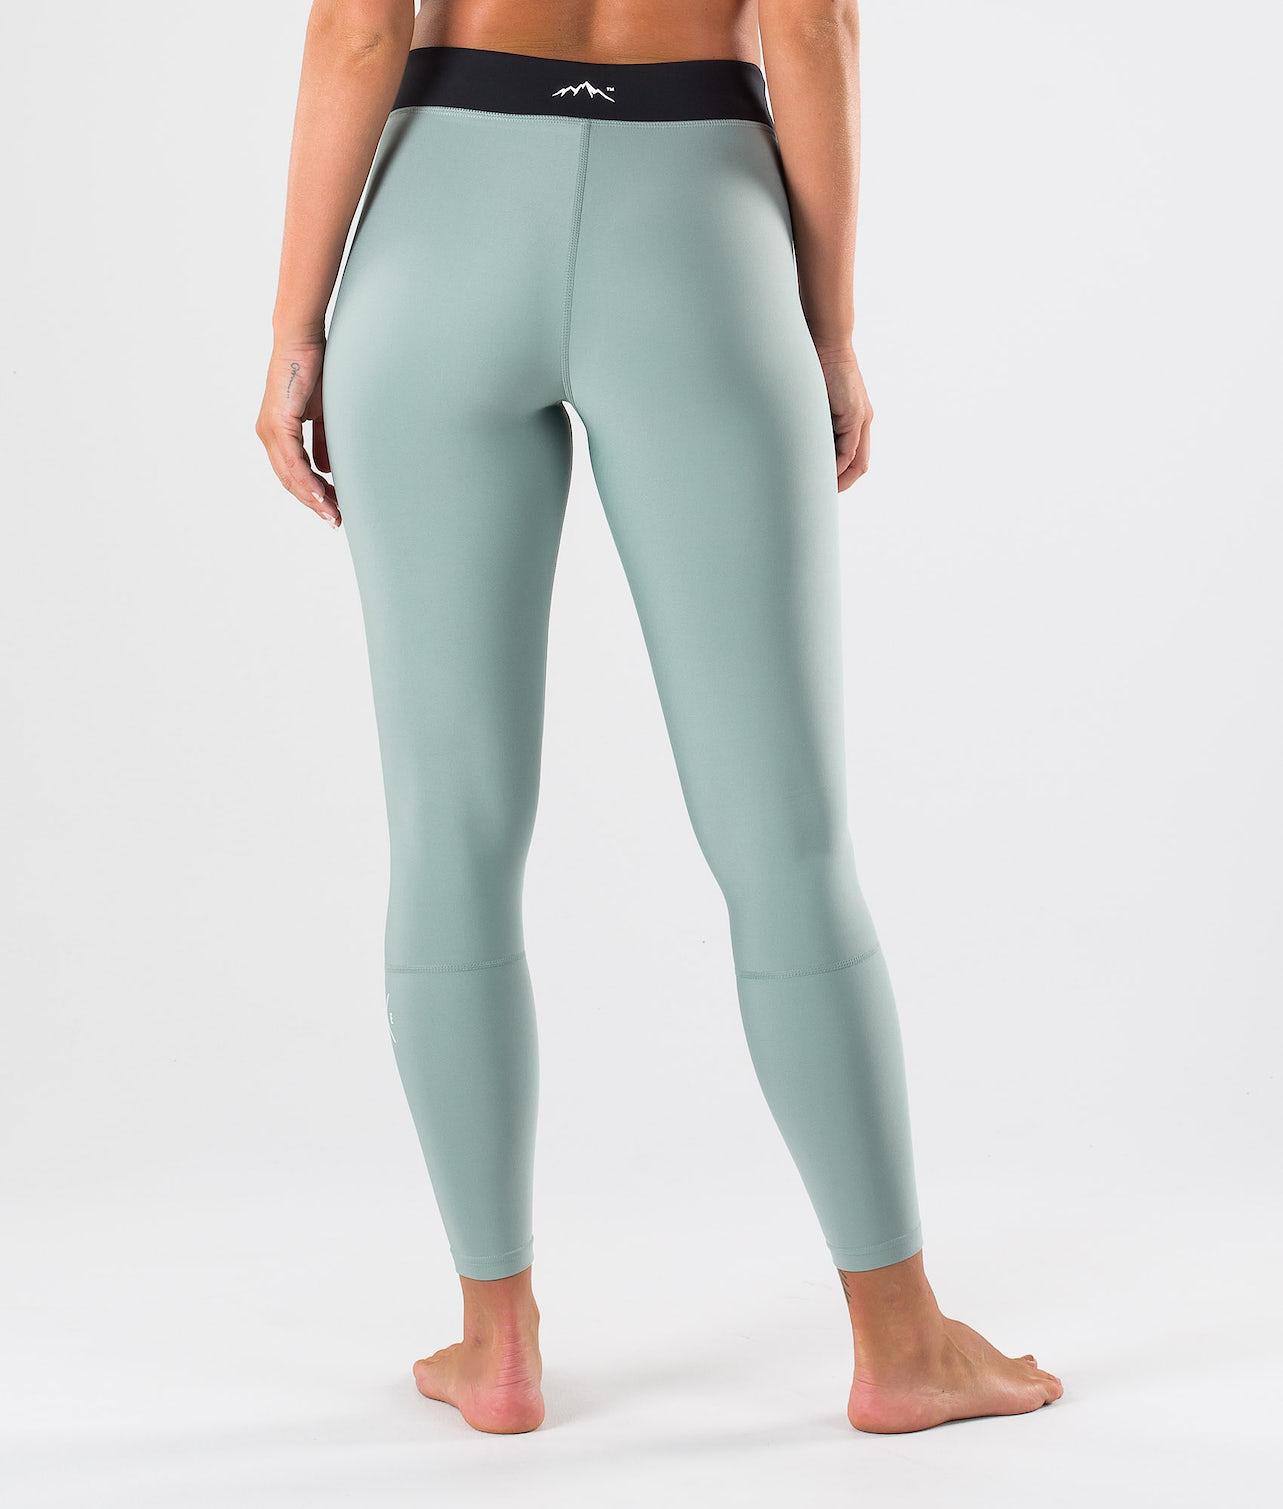 Kjøp Snuggle 2X-UP W Superundertøy bukse fra Dope på Ridestore.no - Hos oss har du alltid fri frakt, fri retur og 30 dagers åpent kjøp!